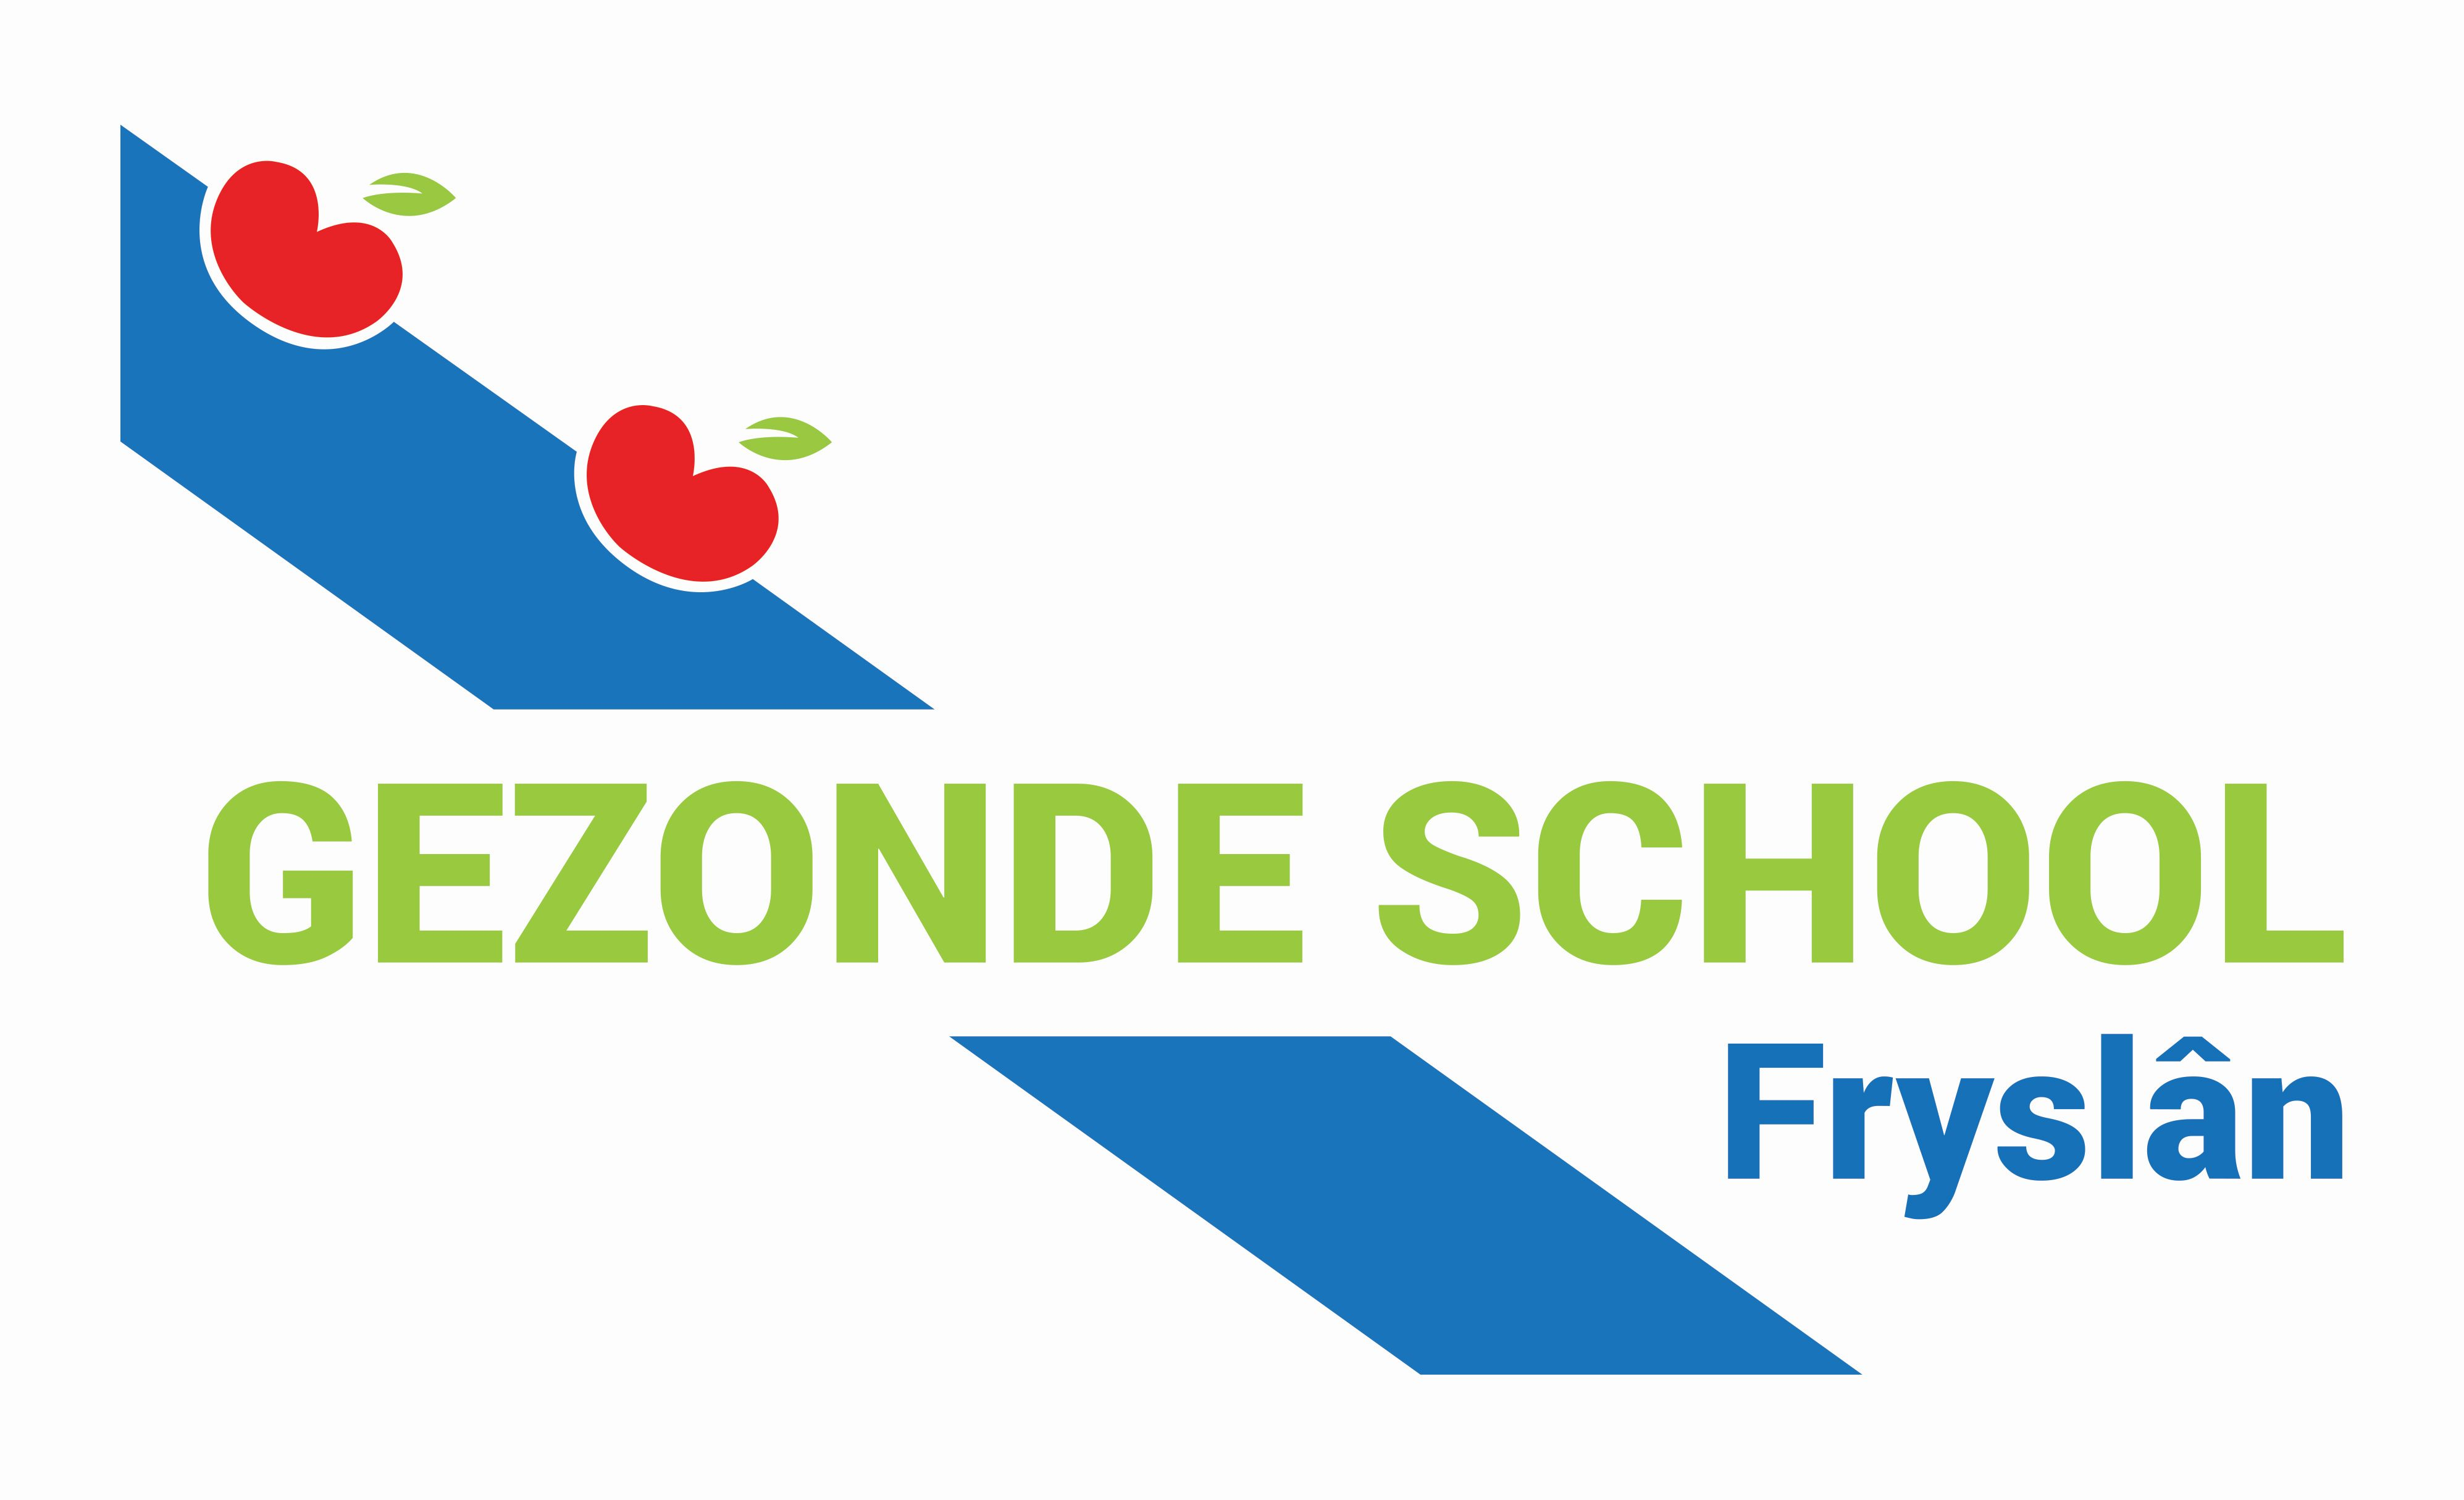 gezonde school logo